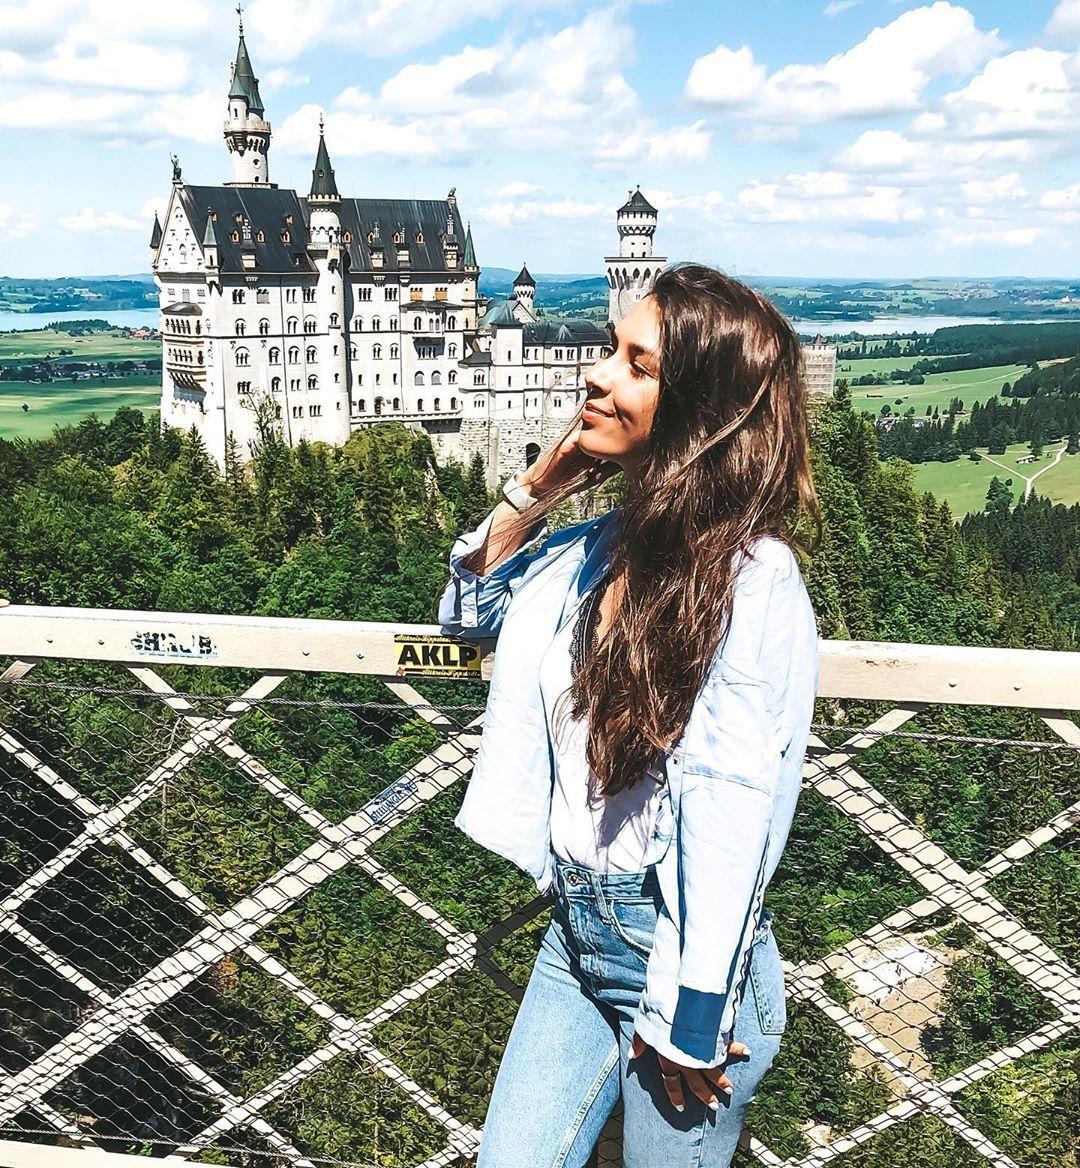 Odno Iz Nashih Luchshih Puteshestvij 2019 Schloss Neuschwanstein Neuschwansteinstrasse 20 87645 Schwangau Hochu Podelitsya S V In 2020 Landmarks Travel Louvre